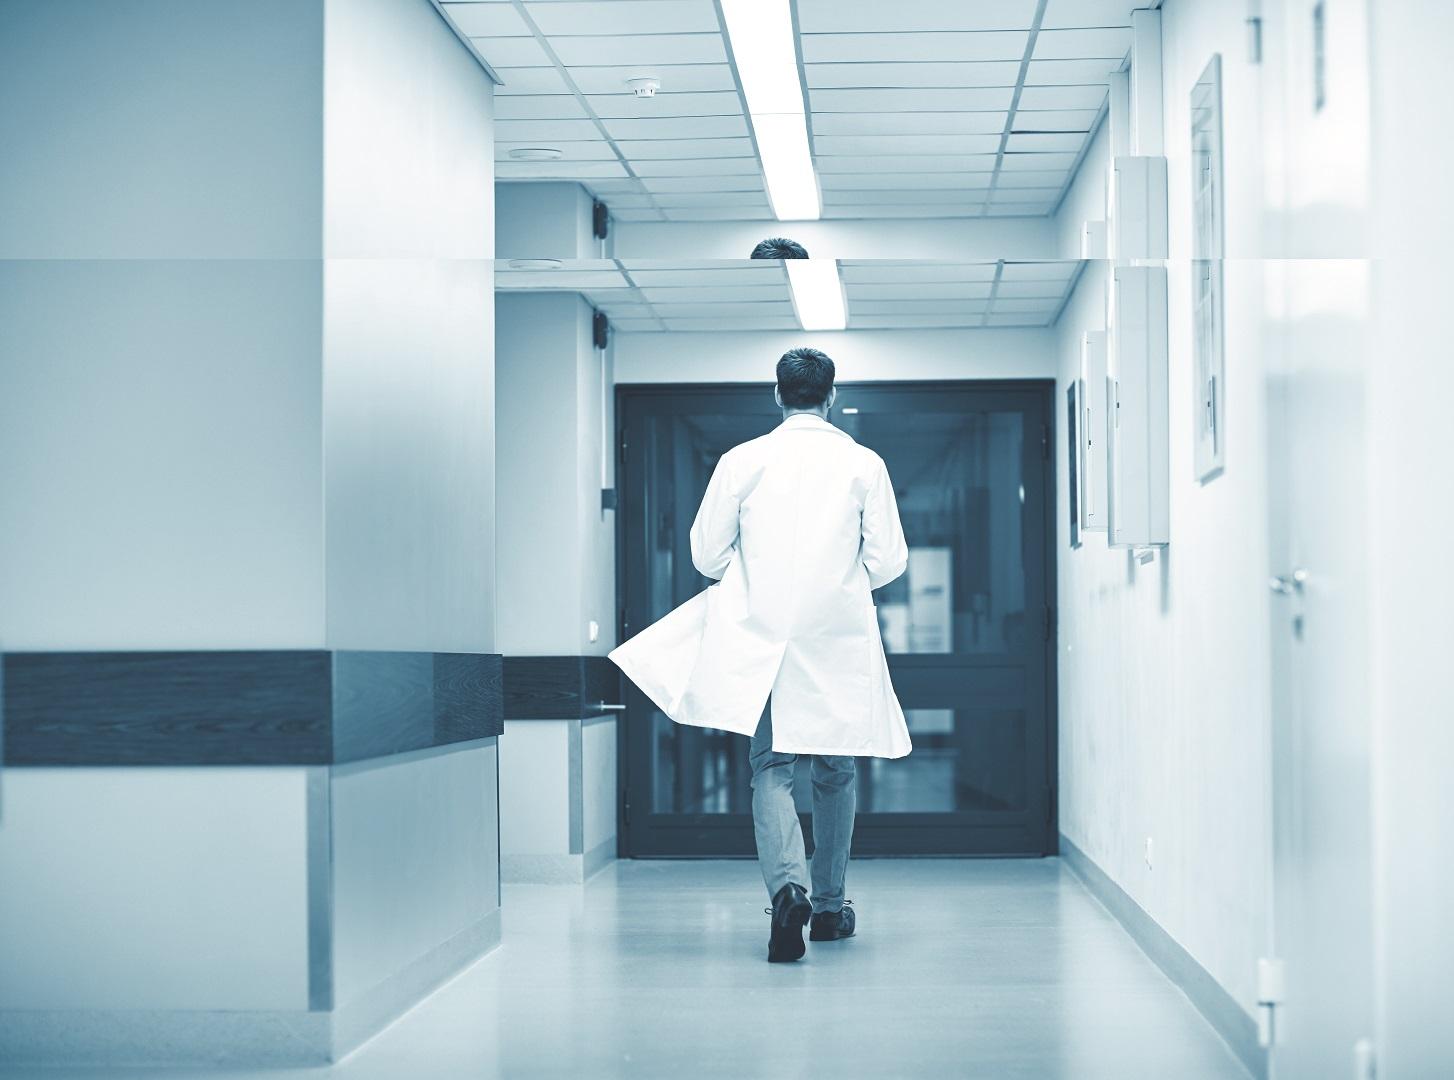 Премьер-министр поручил премировать врачей за вклад в борьбу с коронавирусом